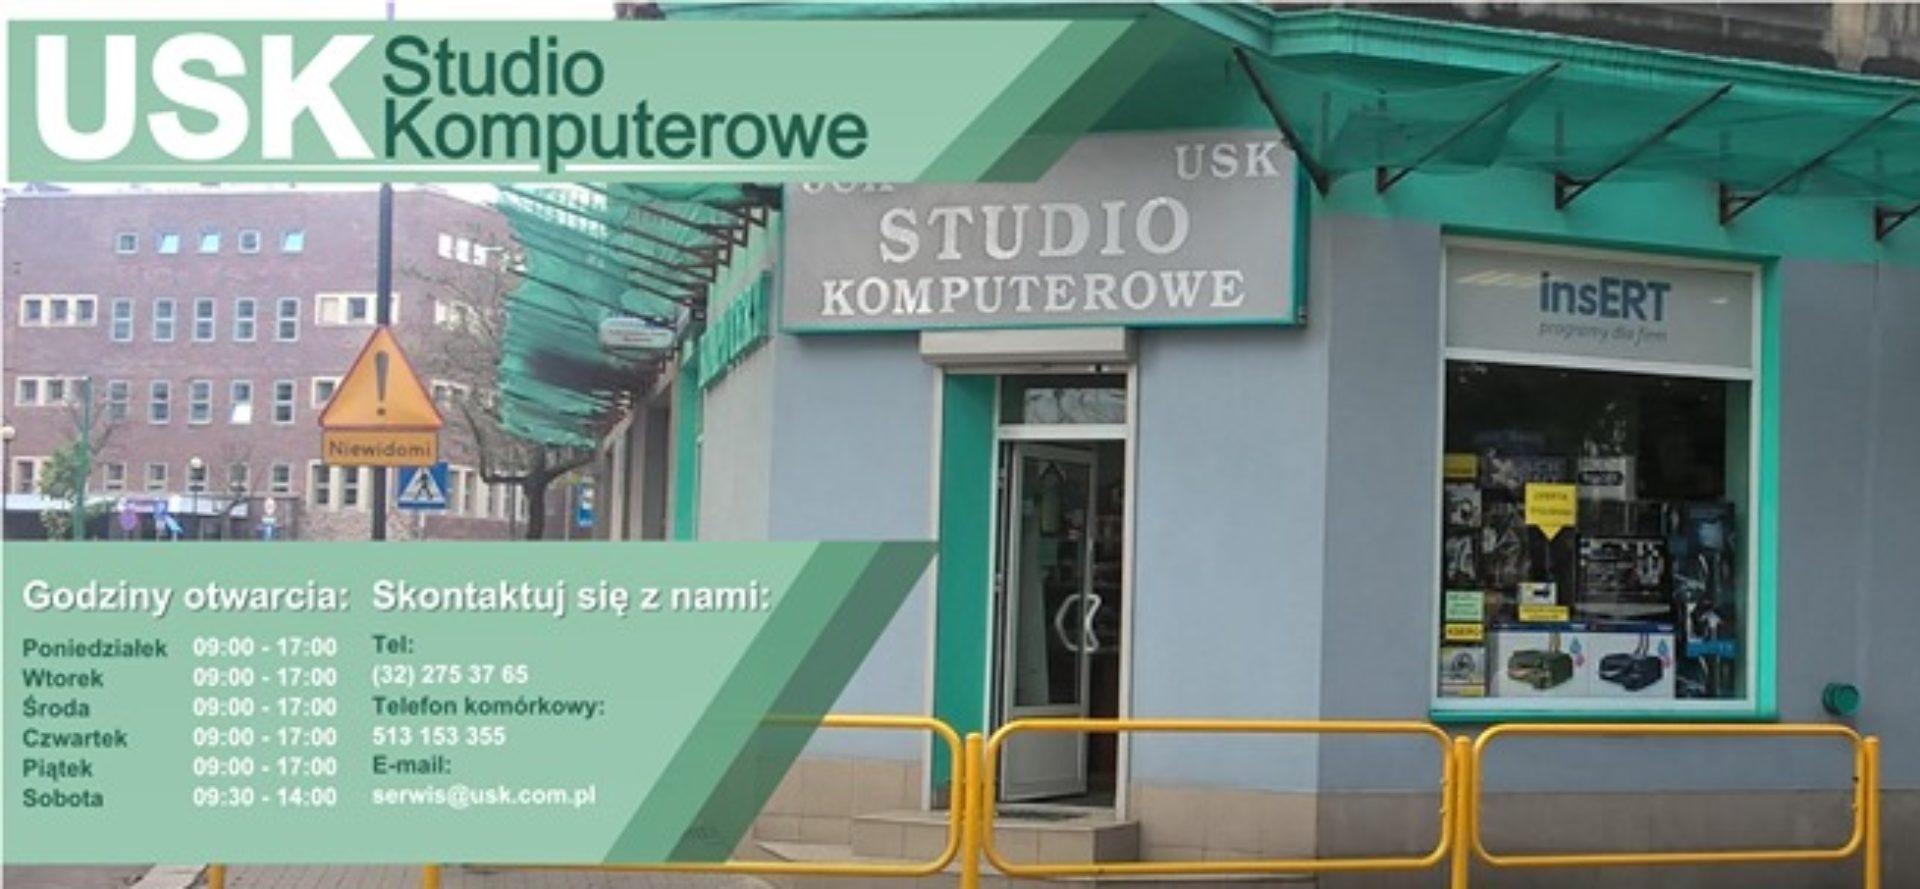 USK Studio Komputerowe